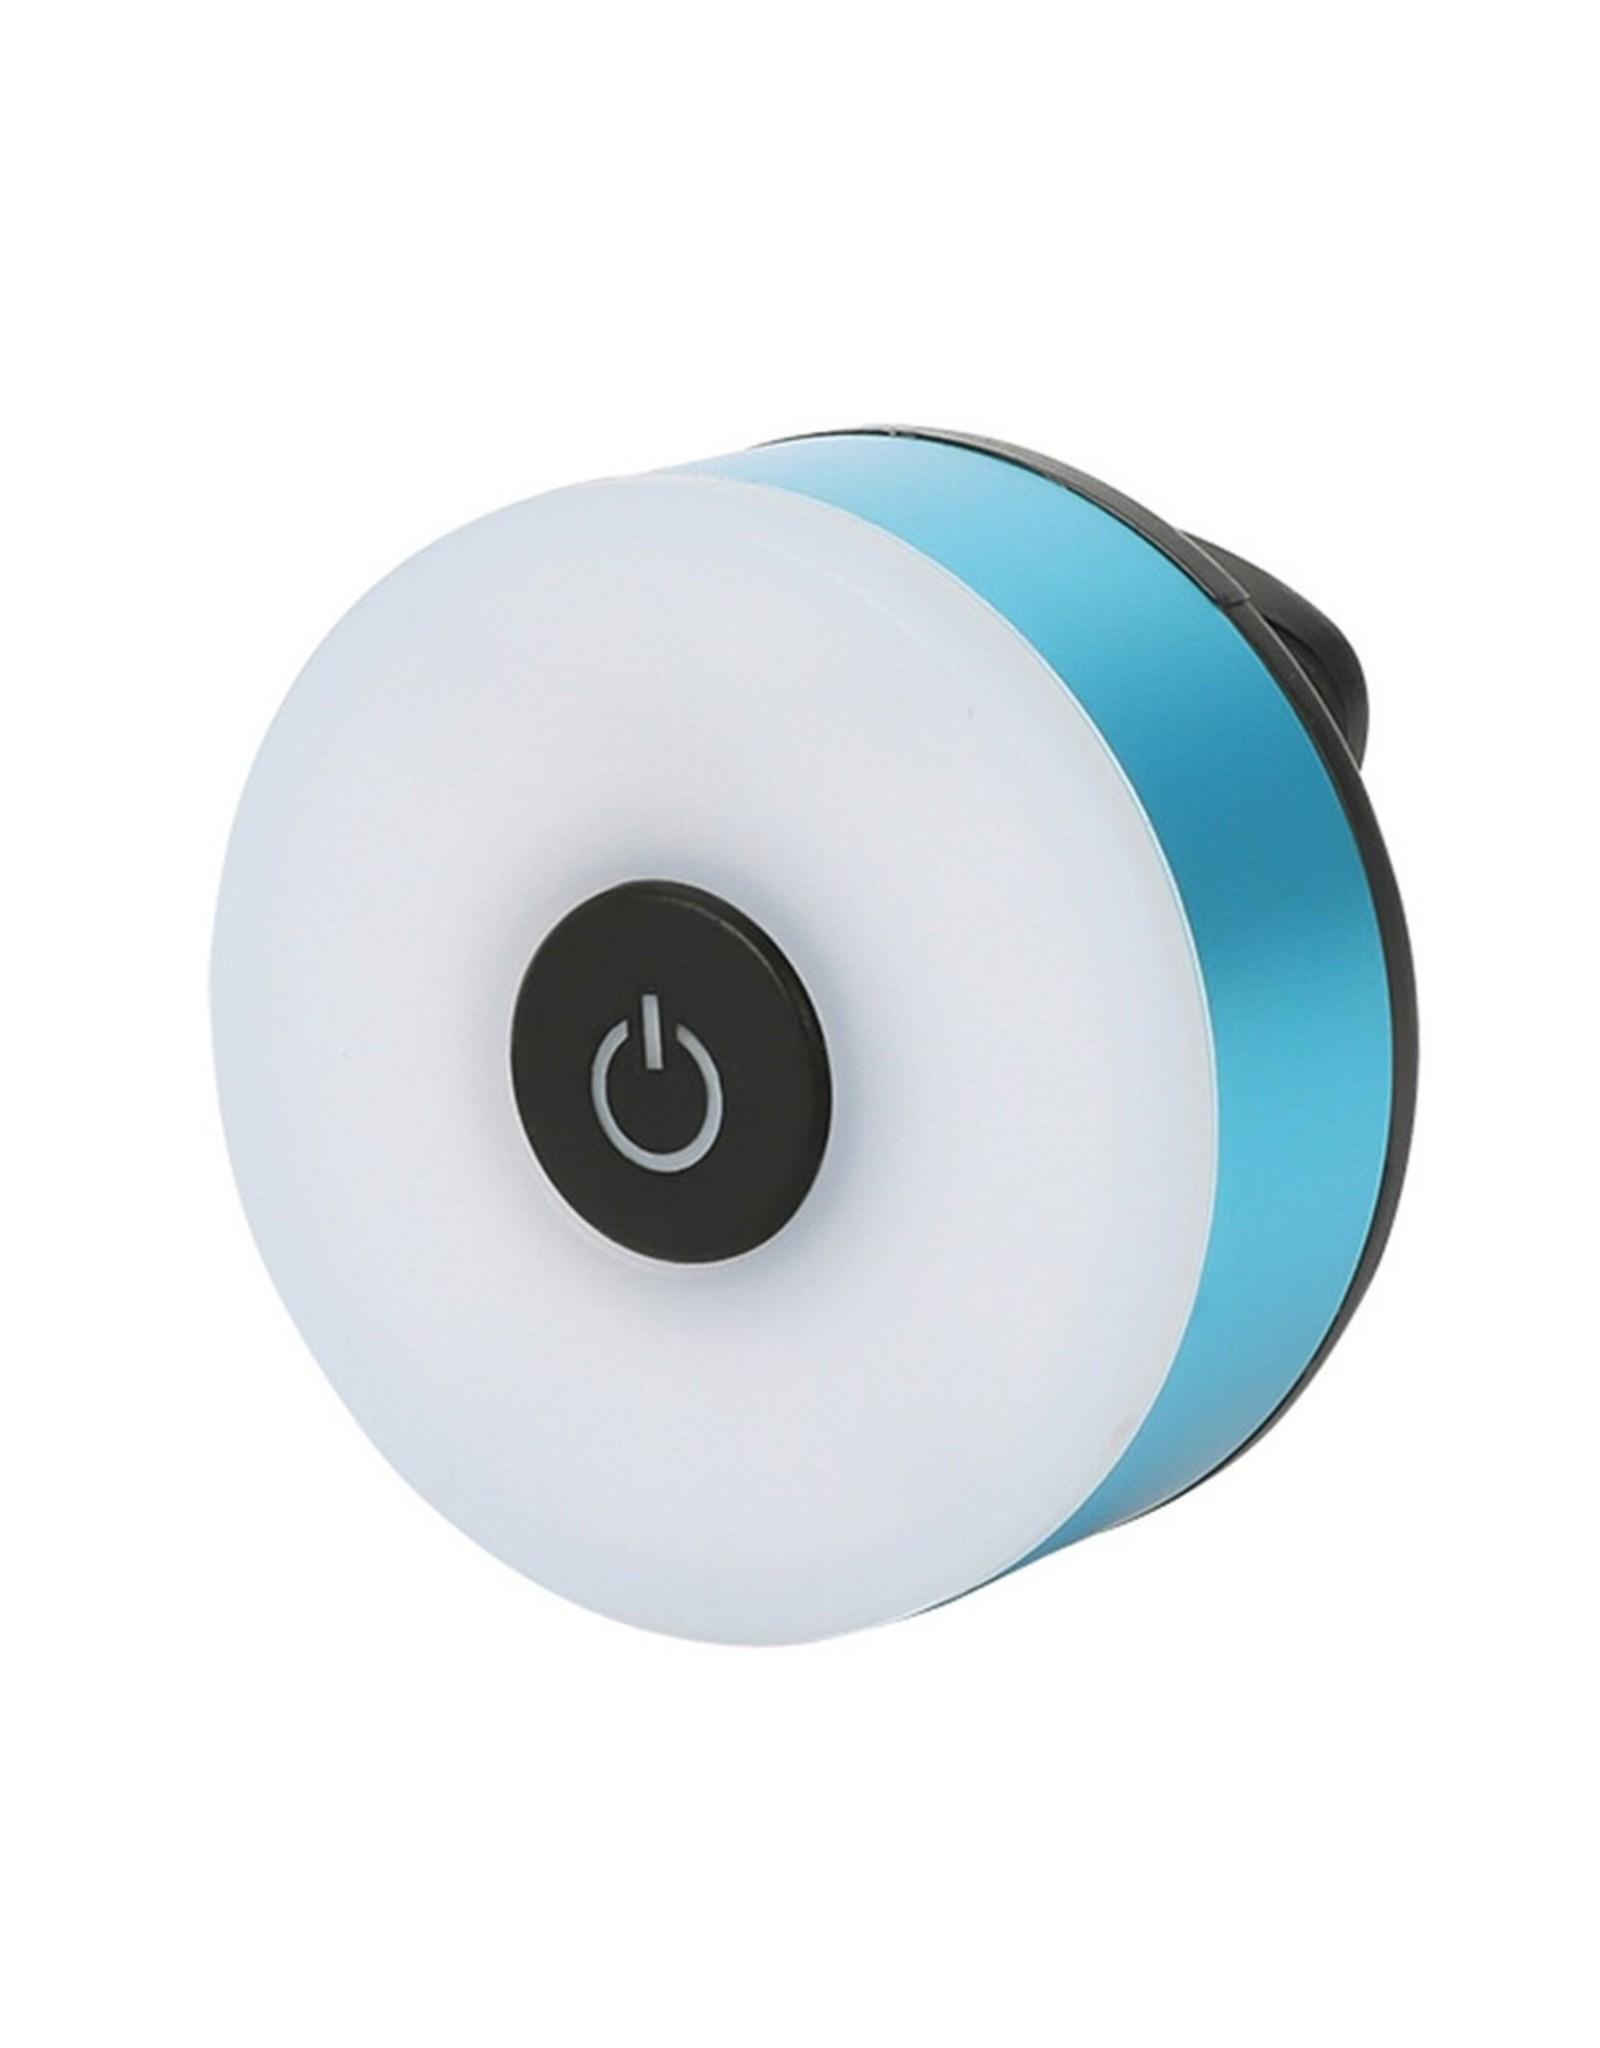 Led Fietslamp - Achterlicht - USB oplaadbaar – Rood achterlicht - USB oplaadbaar – Kleur behuizing: Geel, Blauw, Grijs, Rood of Zwart